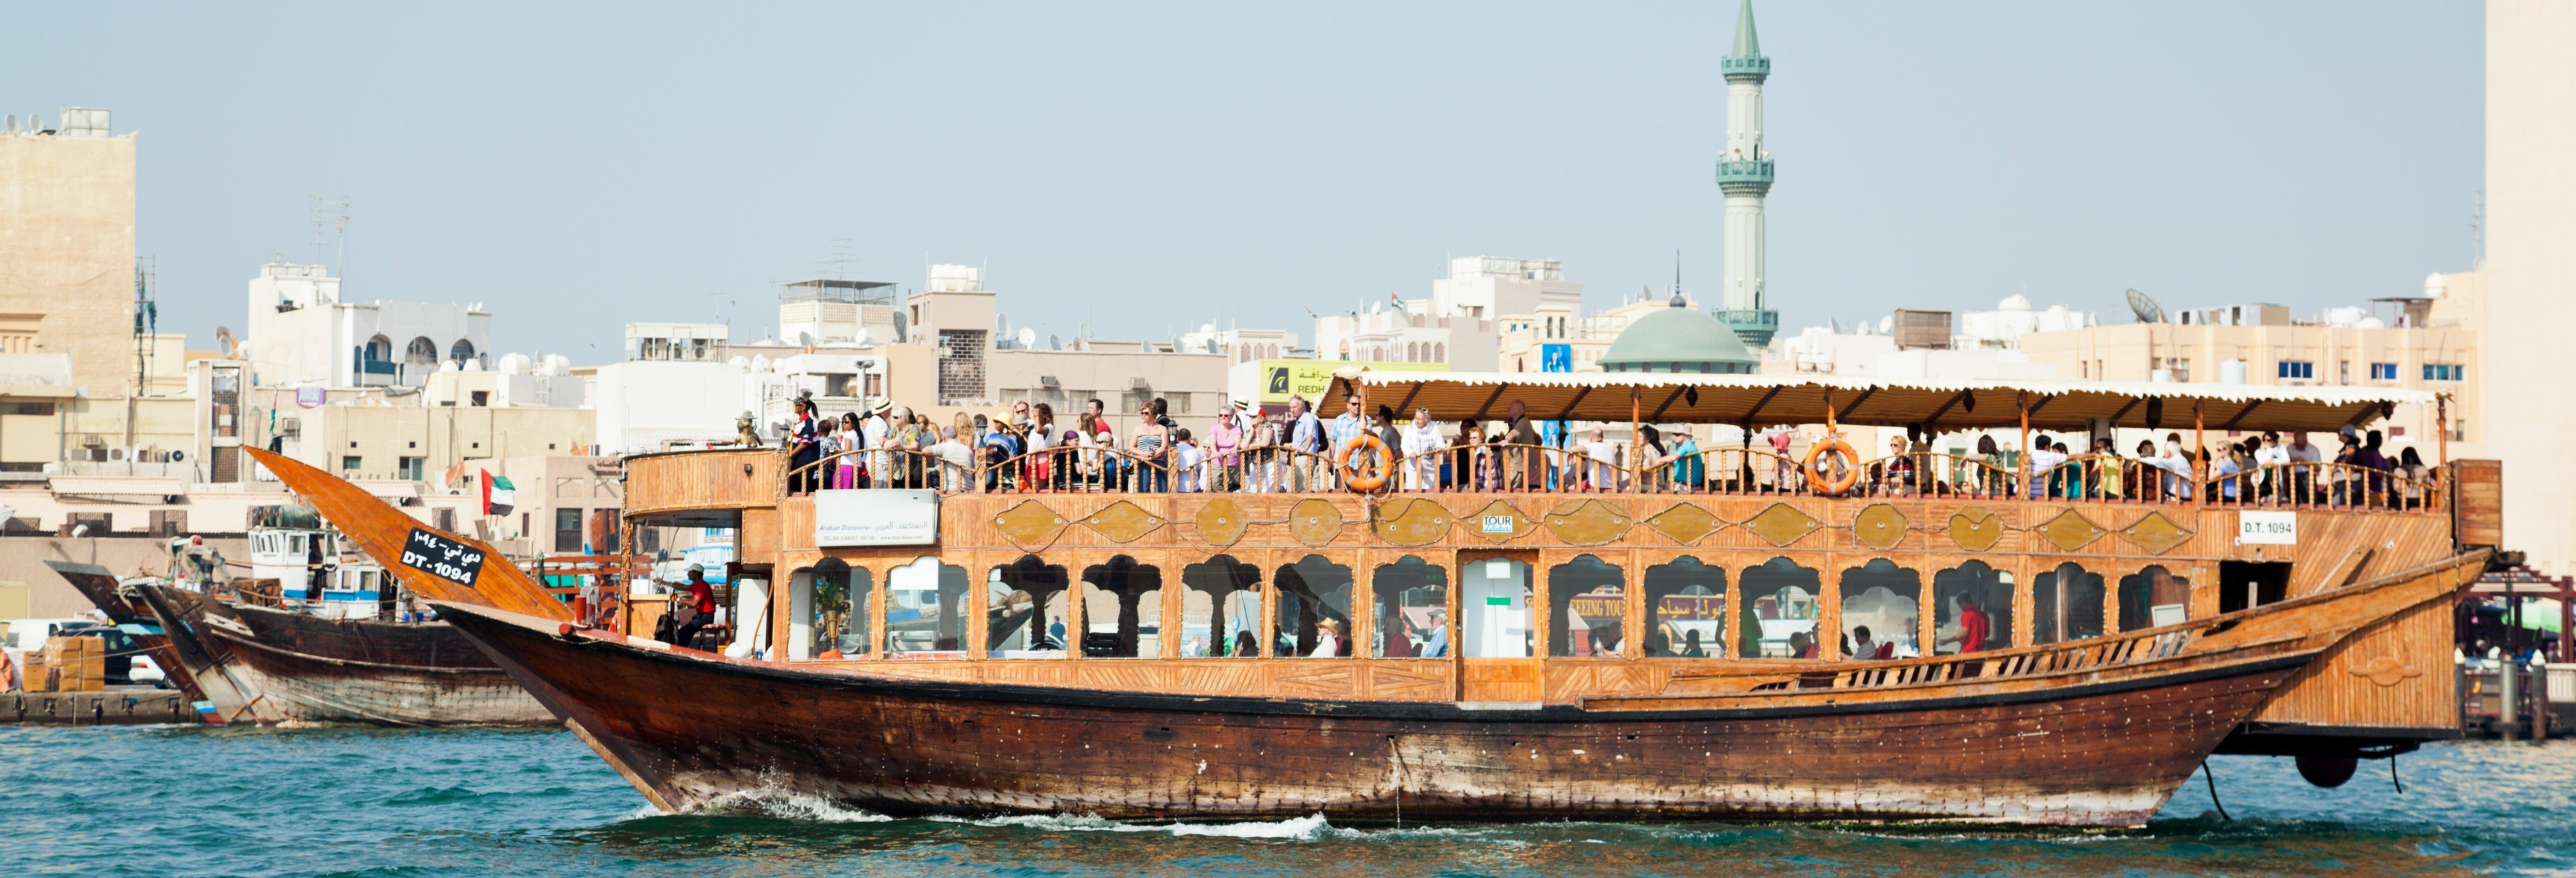 Crociera in dhow a Dubai